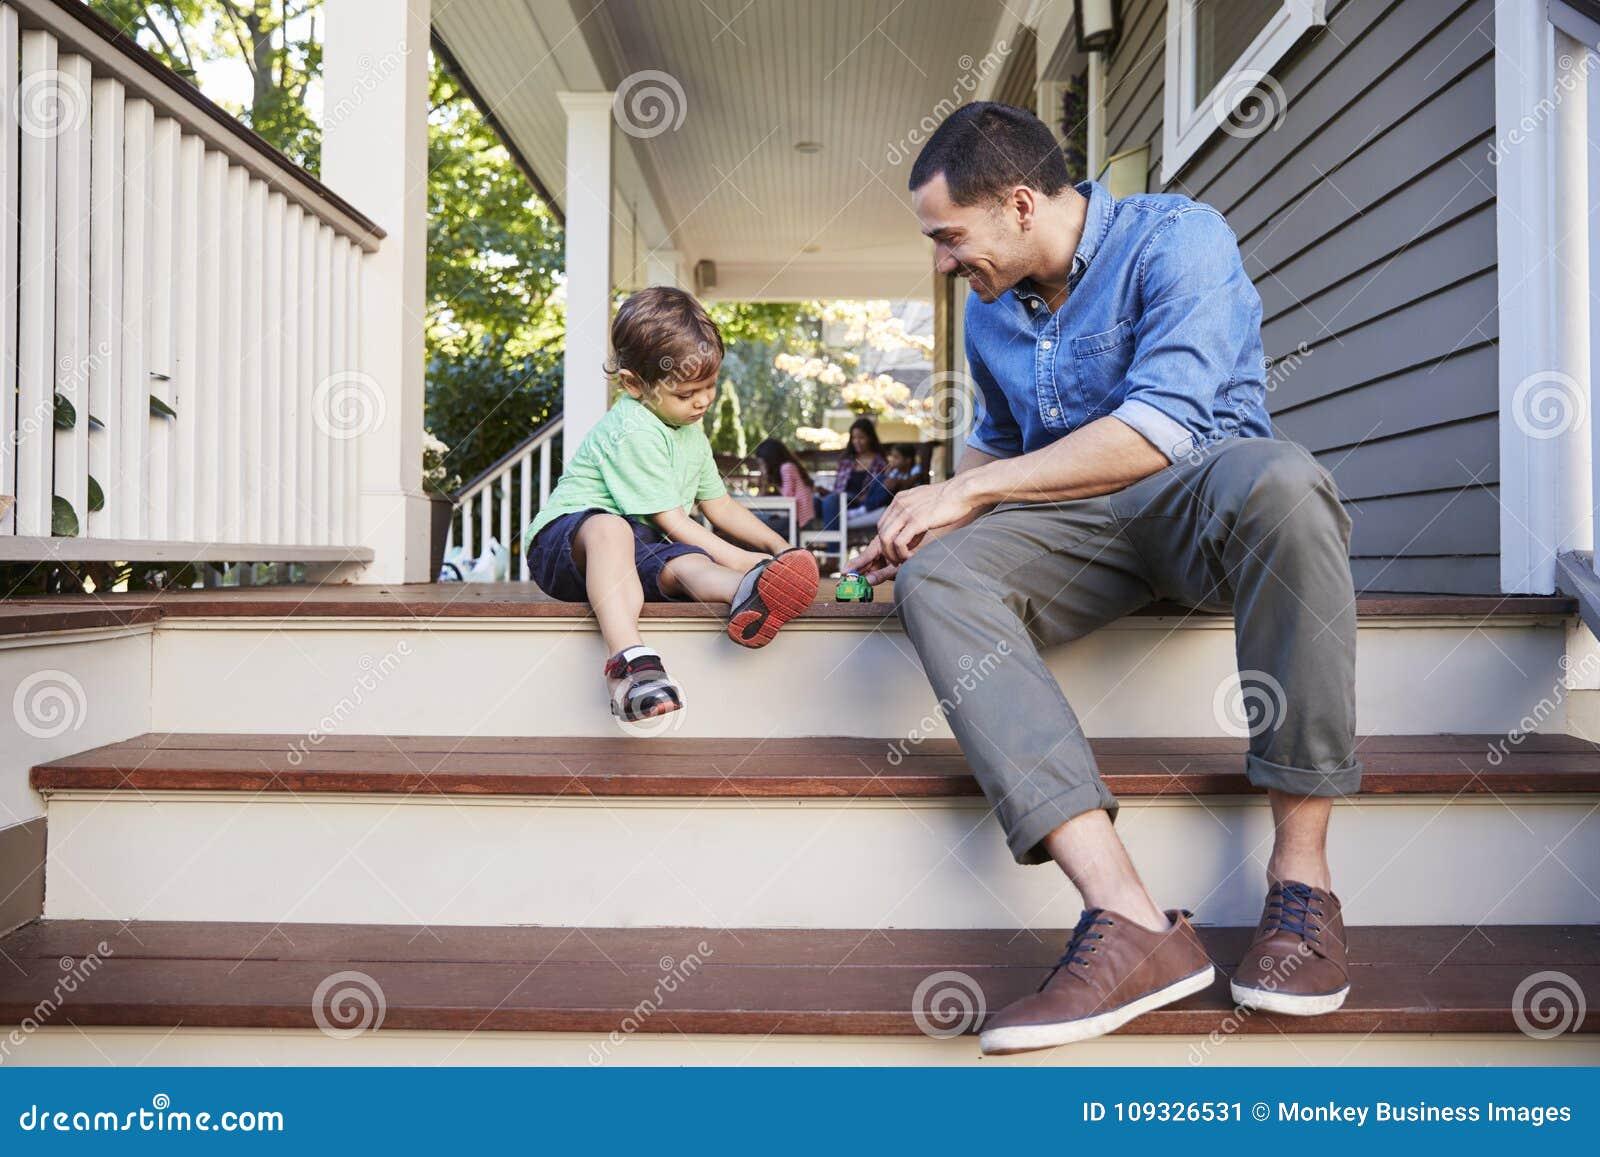 Het Spelen van vaderand son Sit On Porch Of House met Speelgoed samen